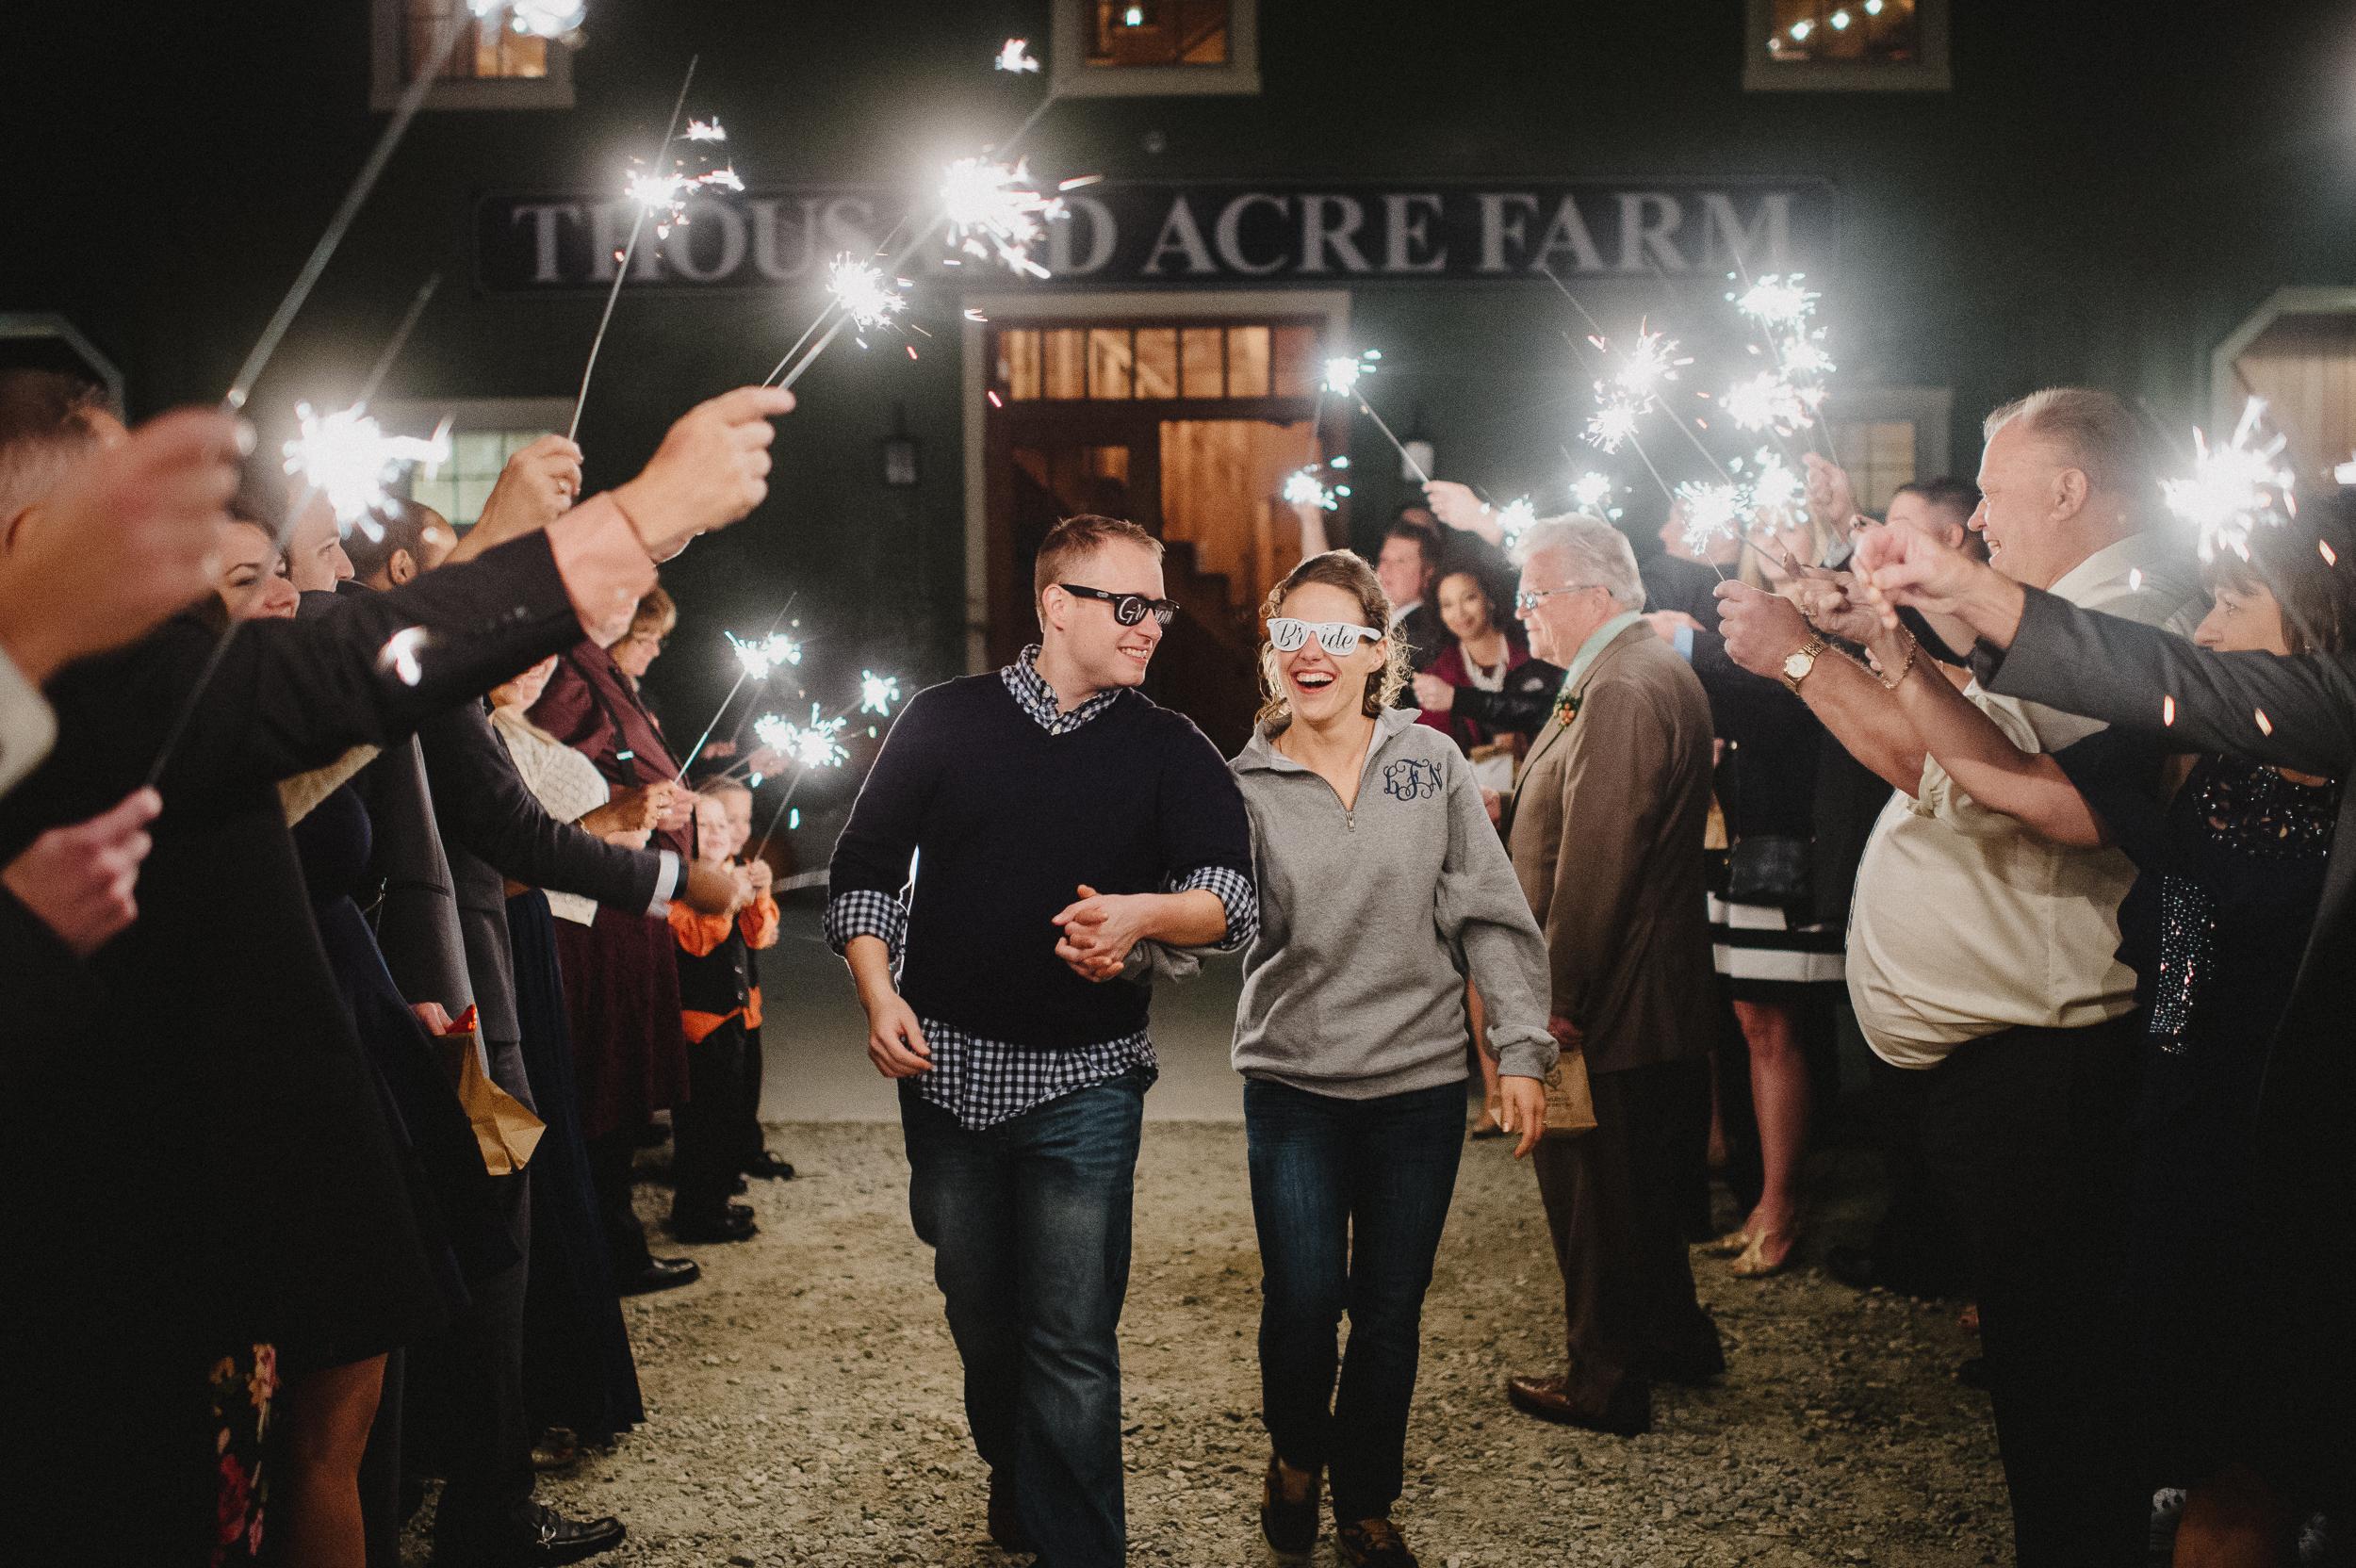 thousand-acre-farm-wedding-photographer-108.jpg